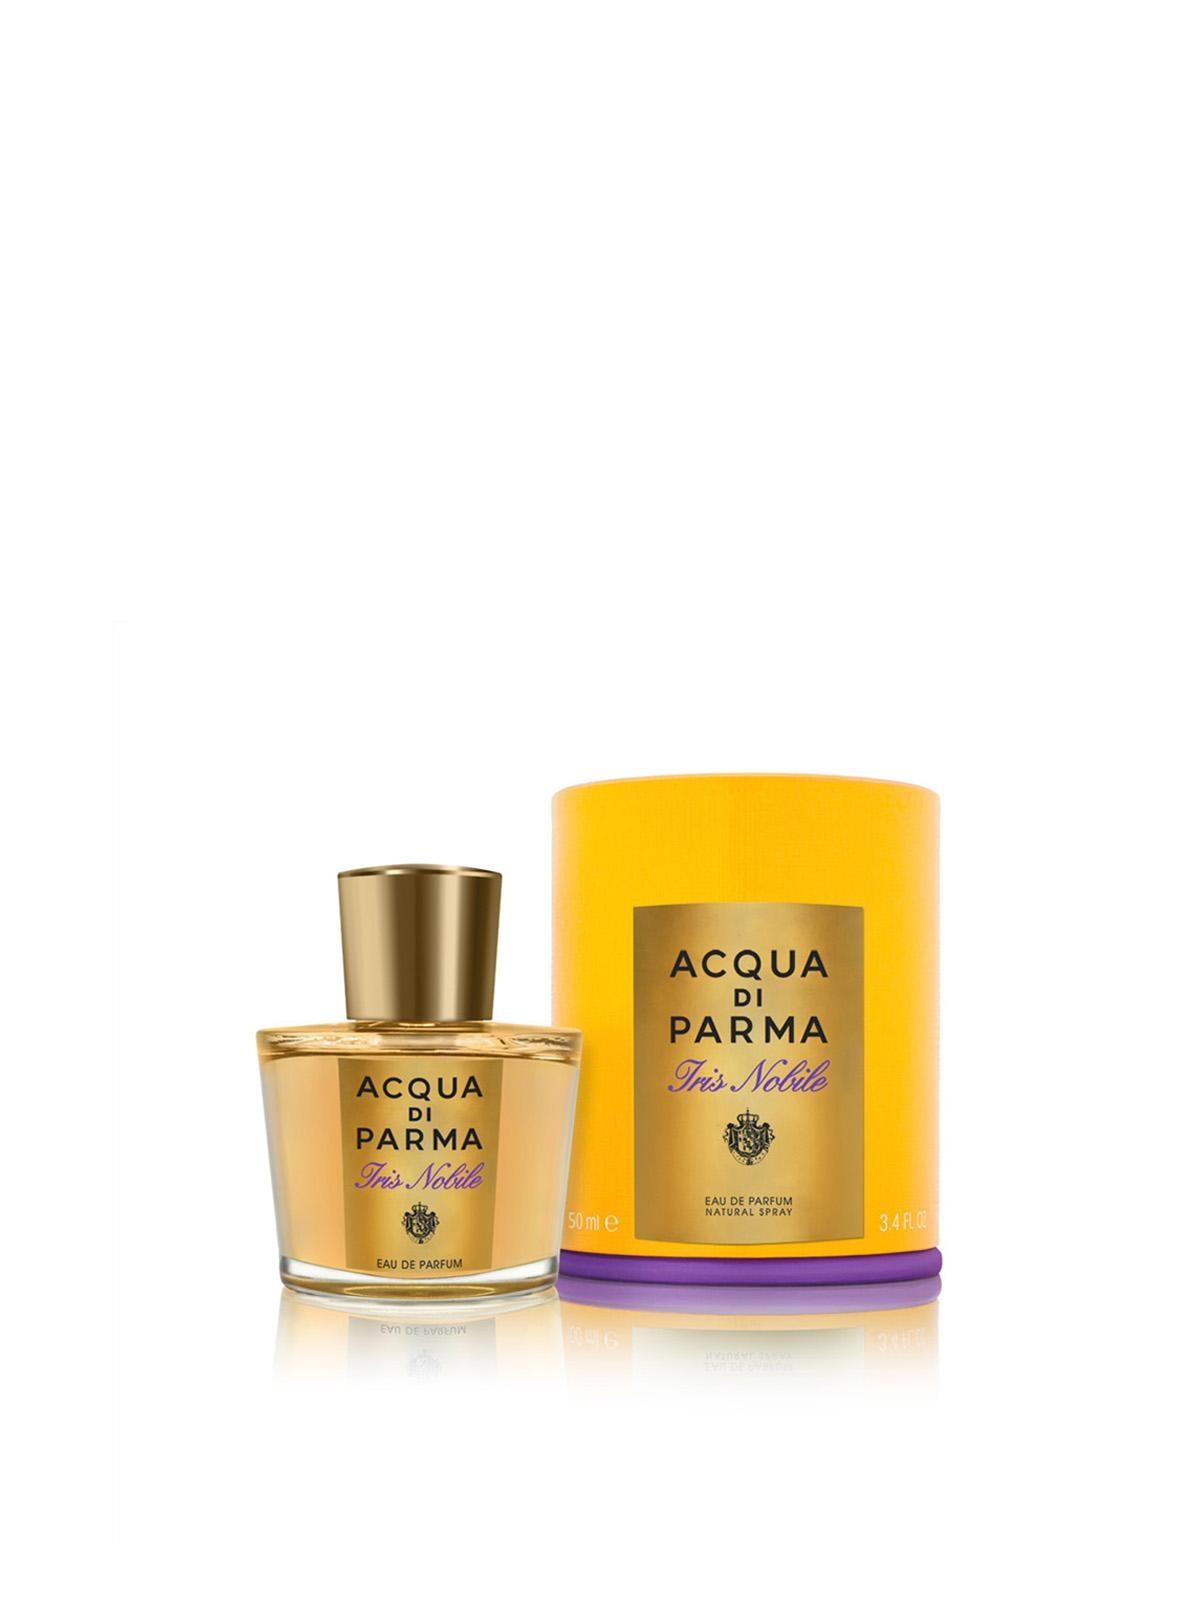 Acquista Acqua Parma Iris Nobile Profumo 17488669 | Glooke.com